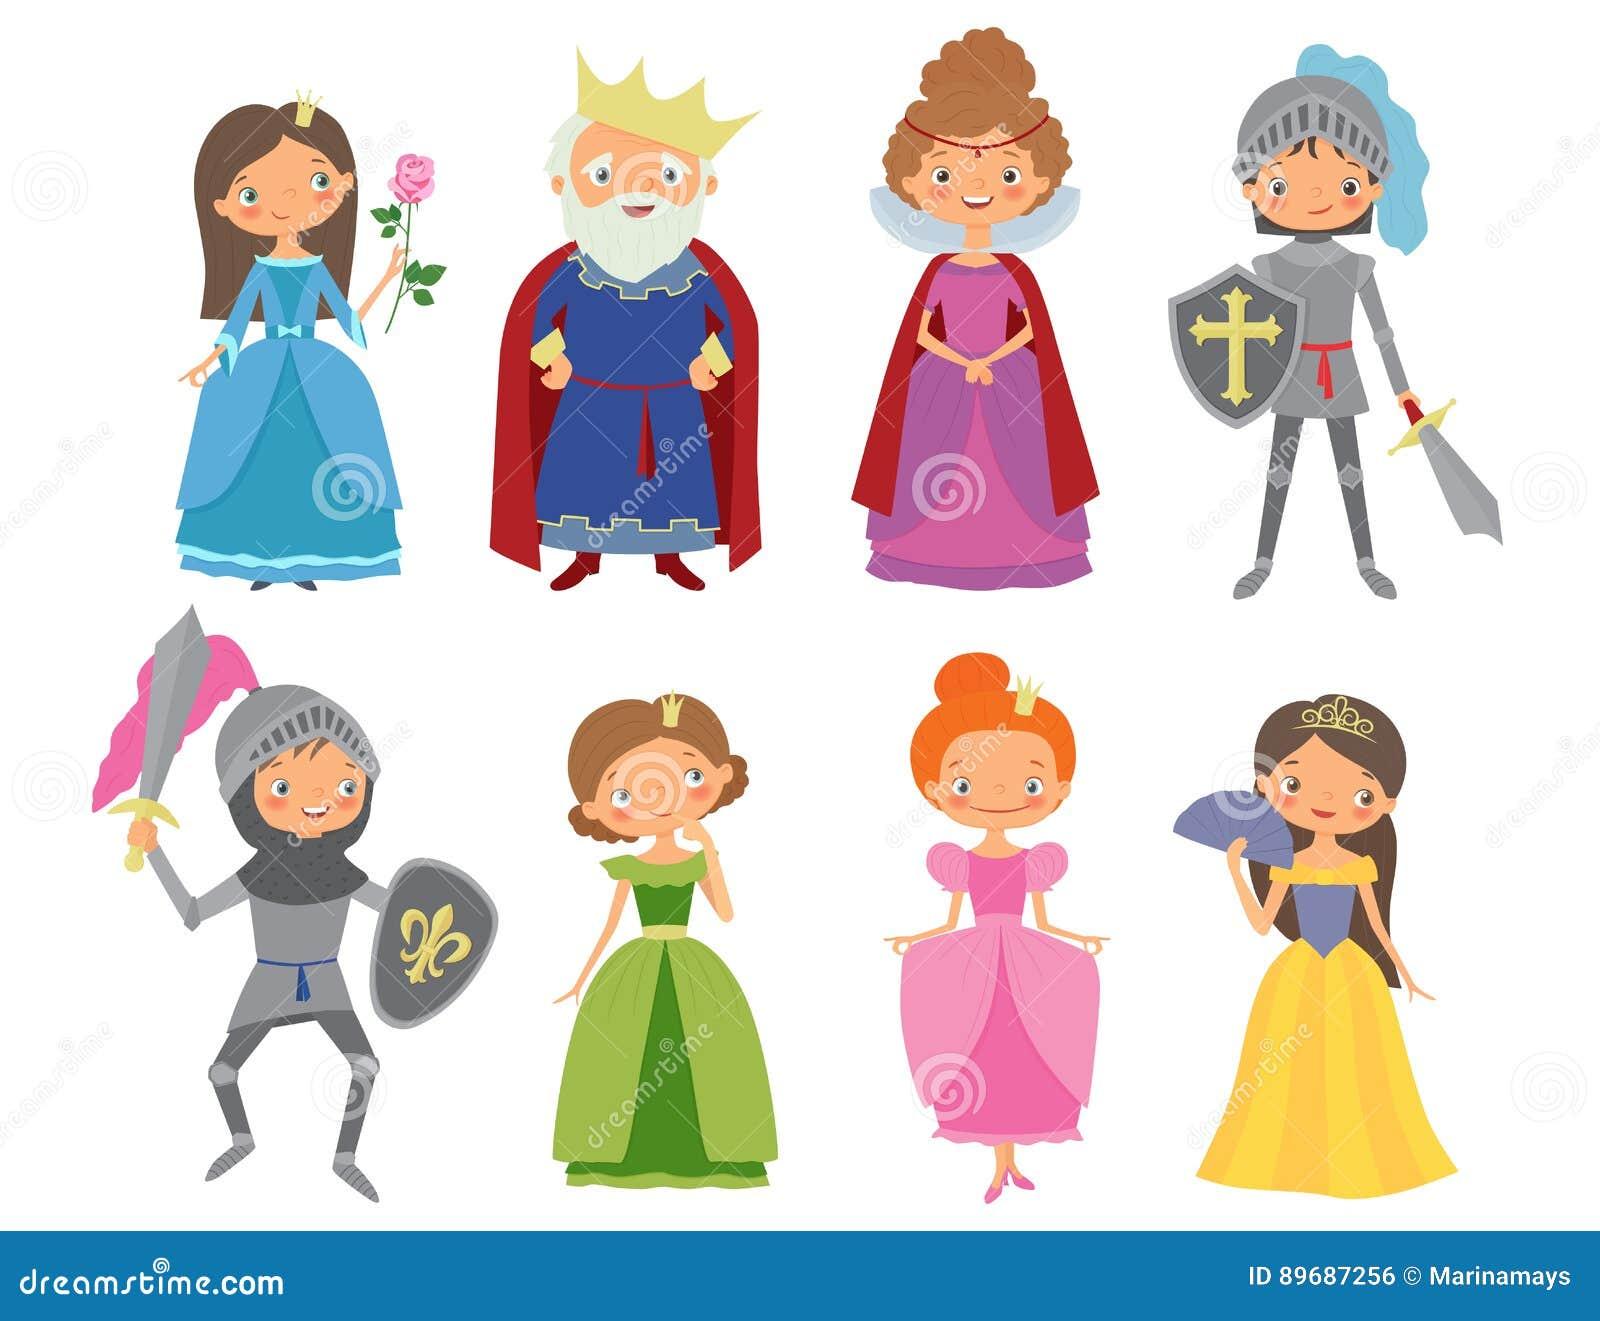 Cuento de hadas rey reina caballeros y princesas - Caballeros y princesas literas ...